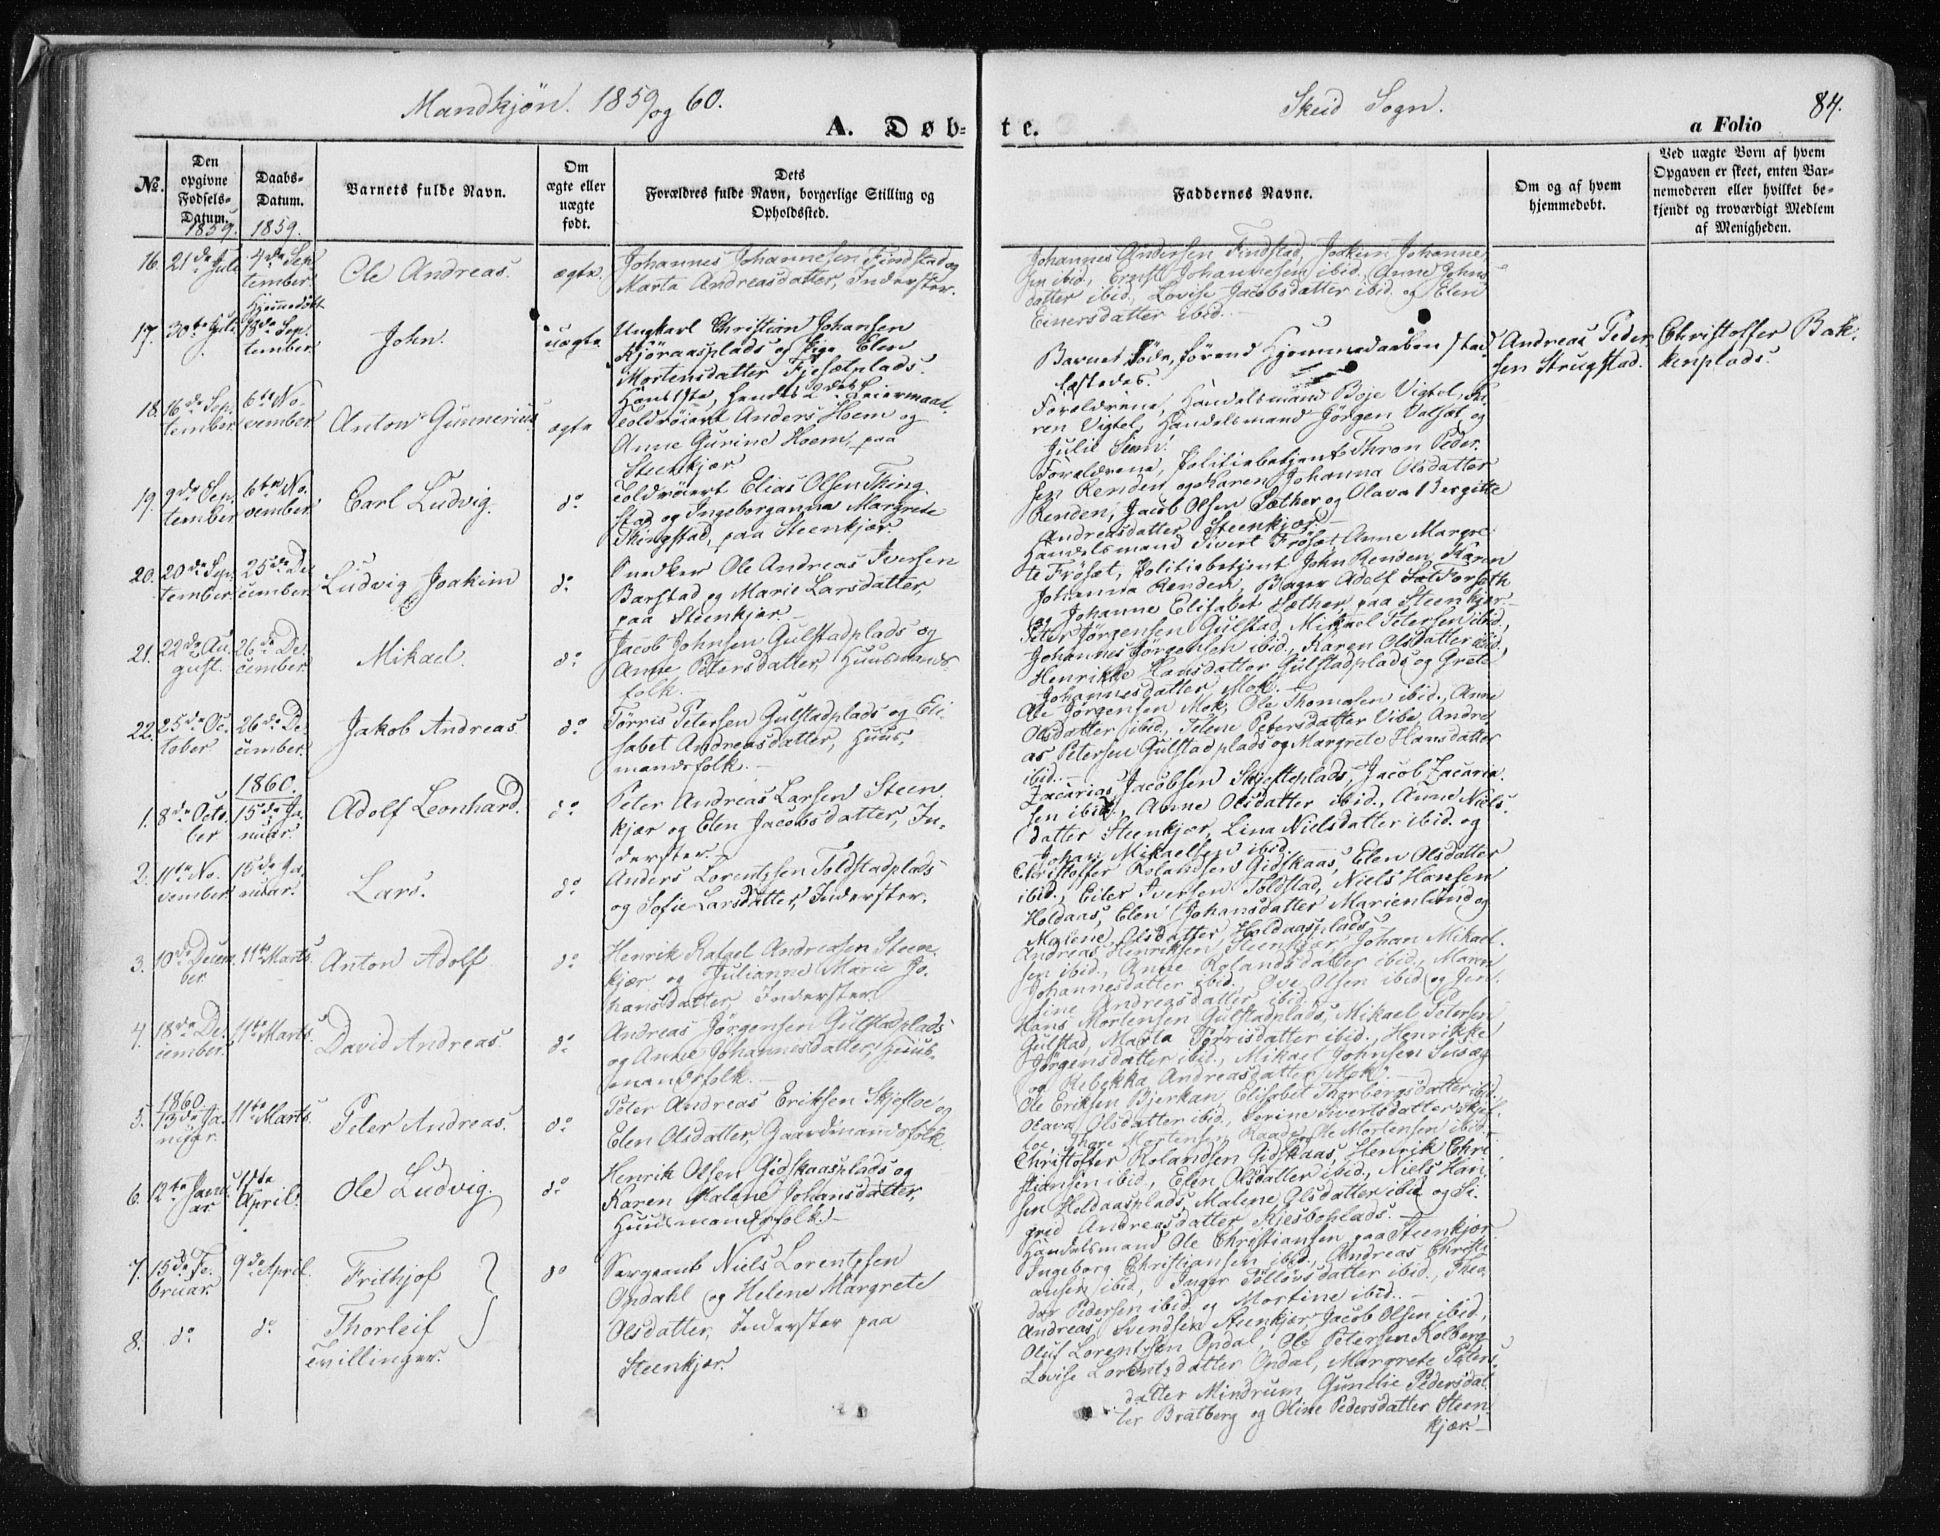 SAT, Ministerialprotokoller, klokkerbøker og fødselsregistre - Nord-Trøndelag, 735/L0342: Ministerialbok nr. 735A07 /2, 1849-1862, s. 84